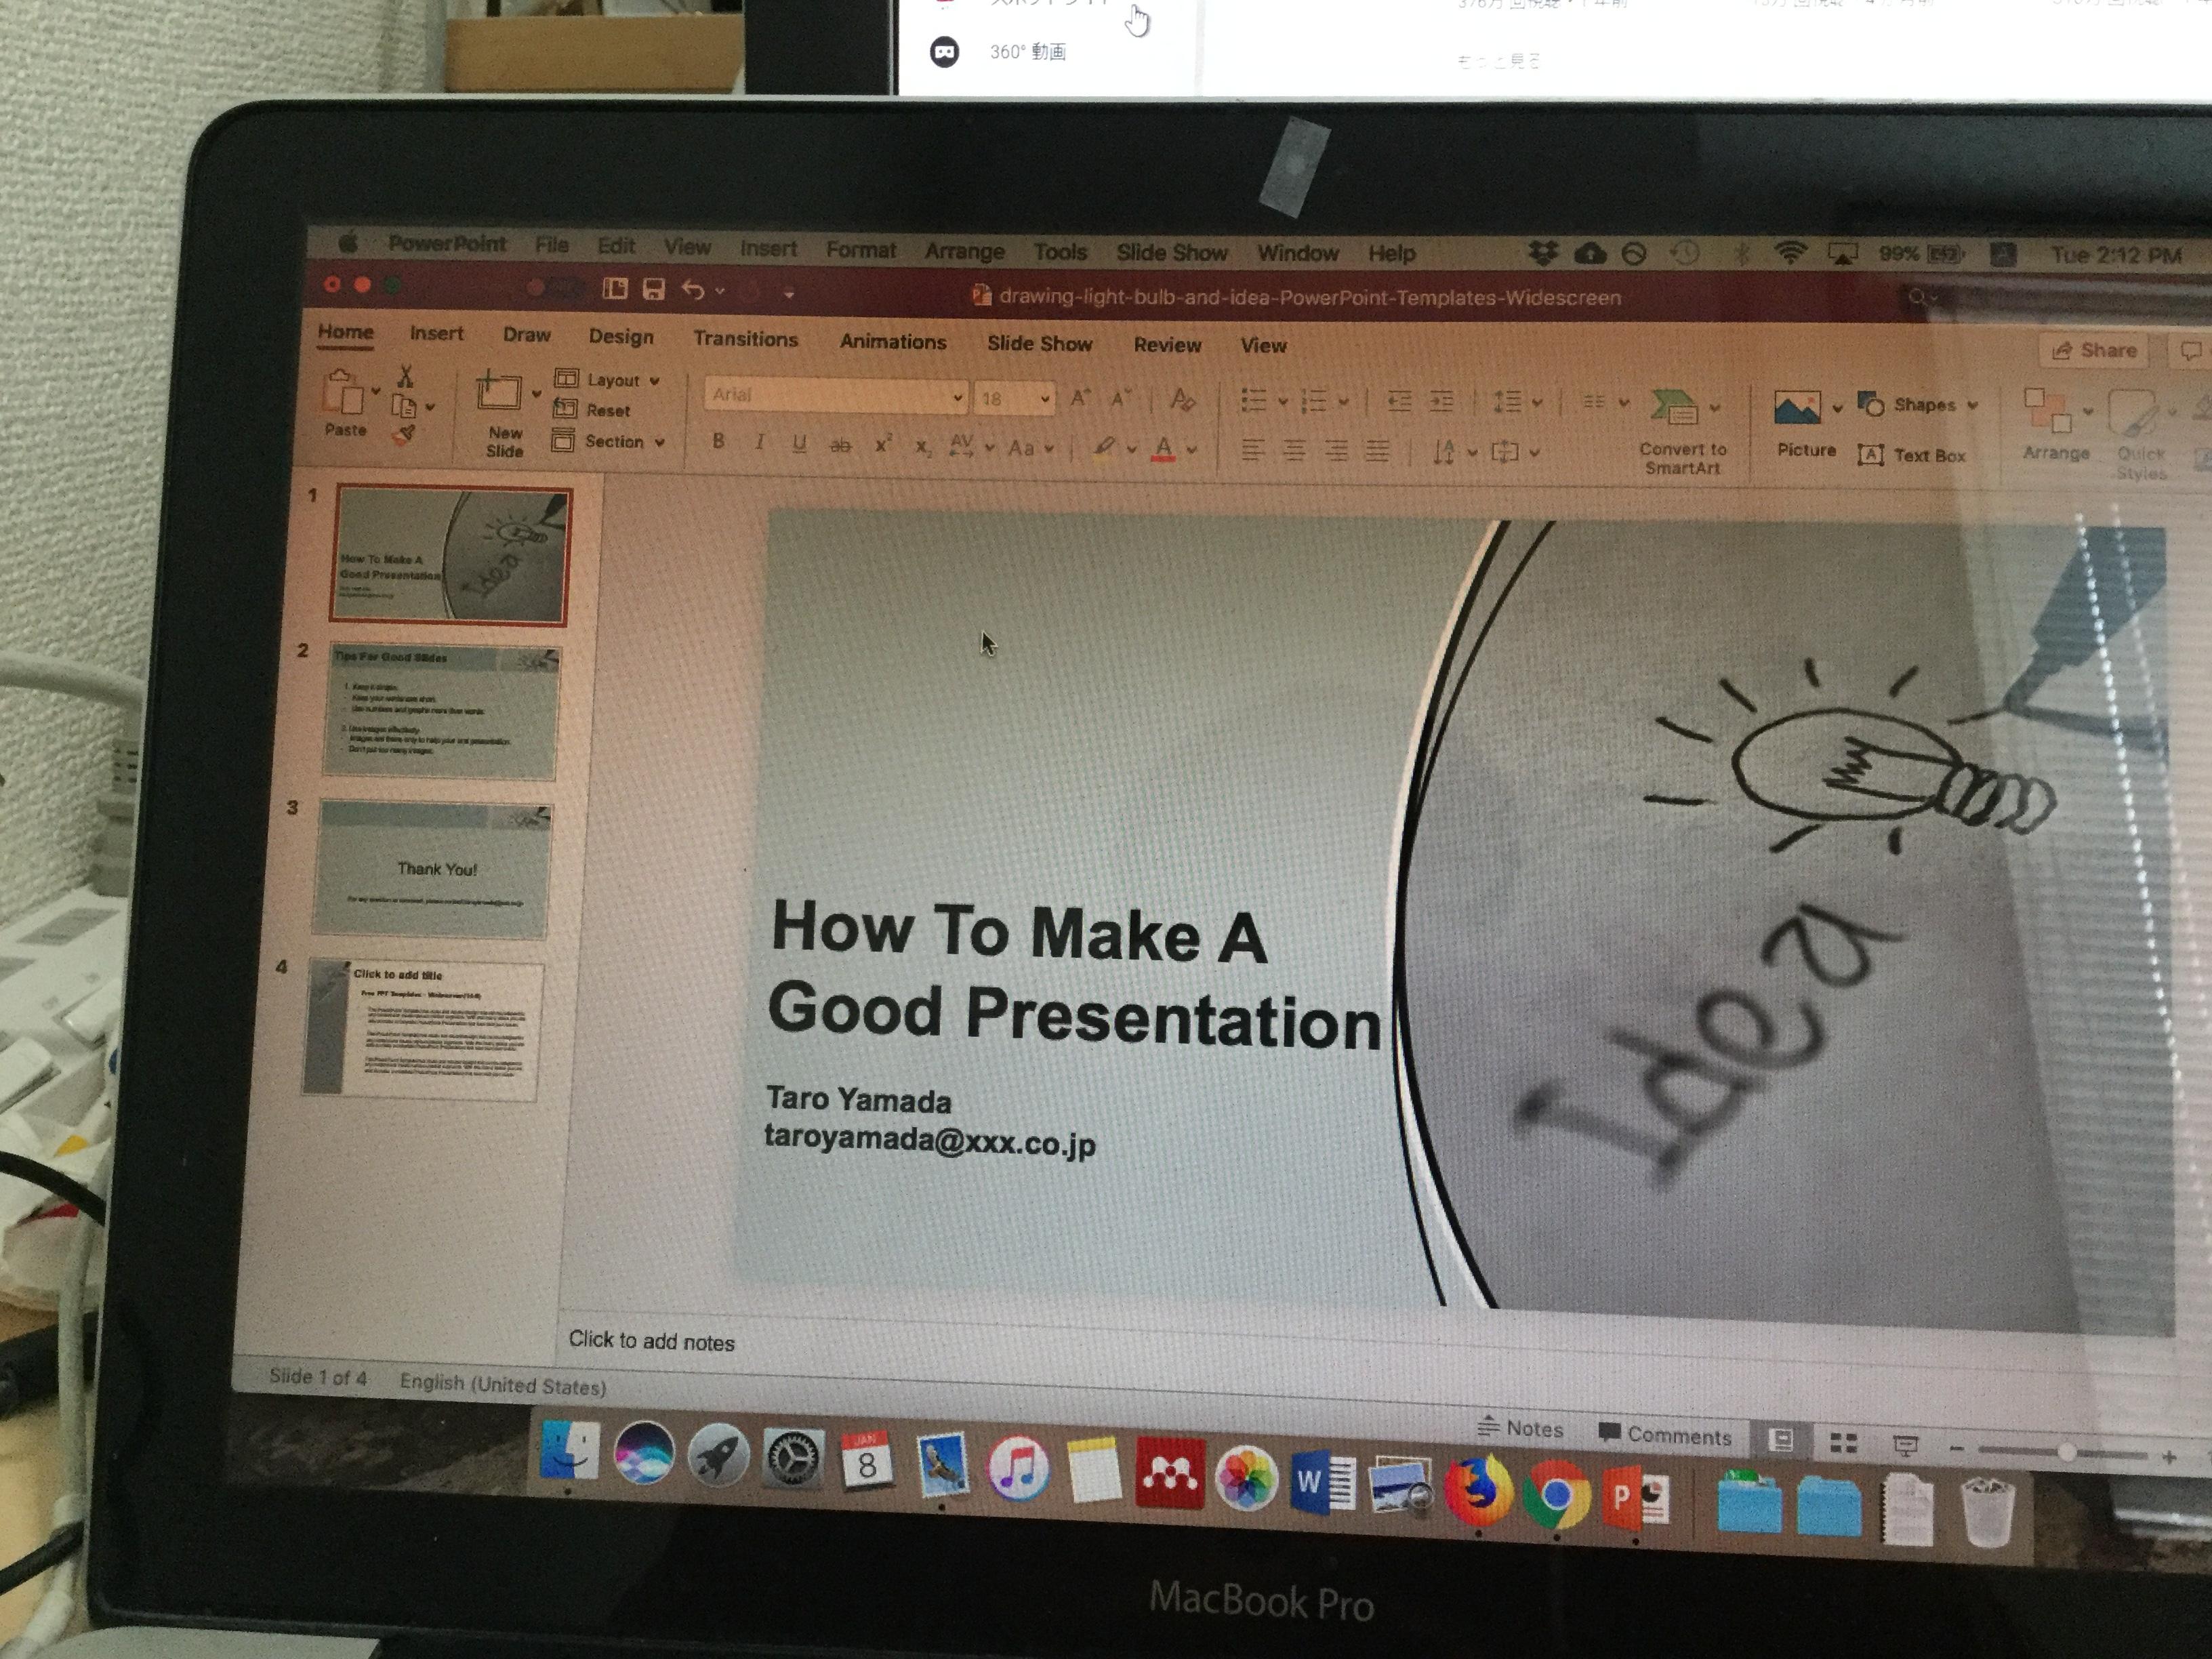 プレゼンを作っているパソコン画面の写真です。